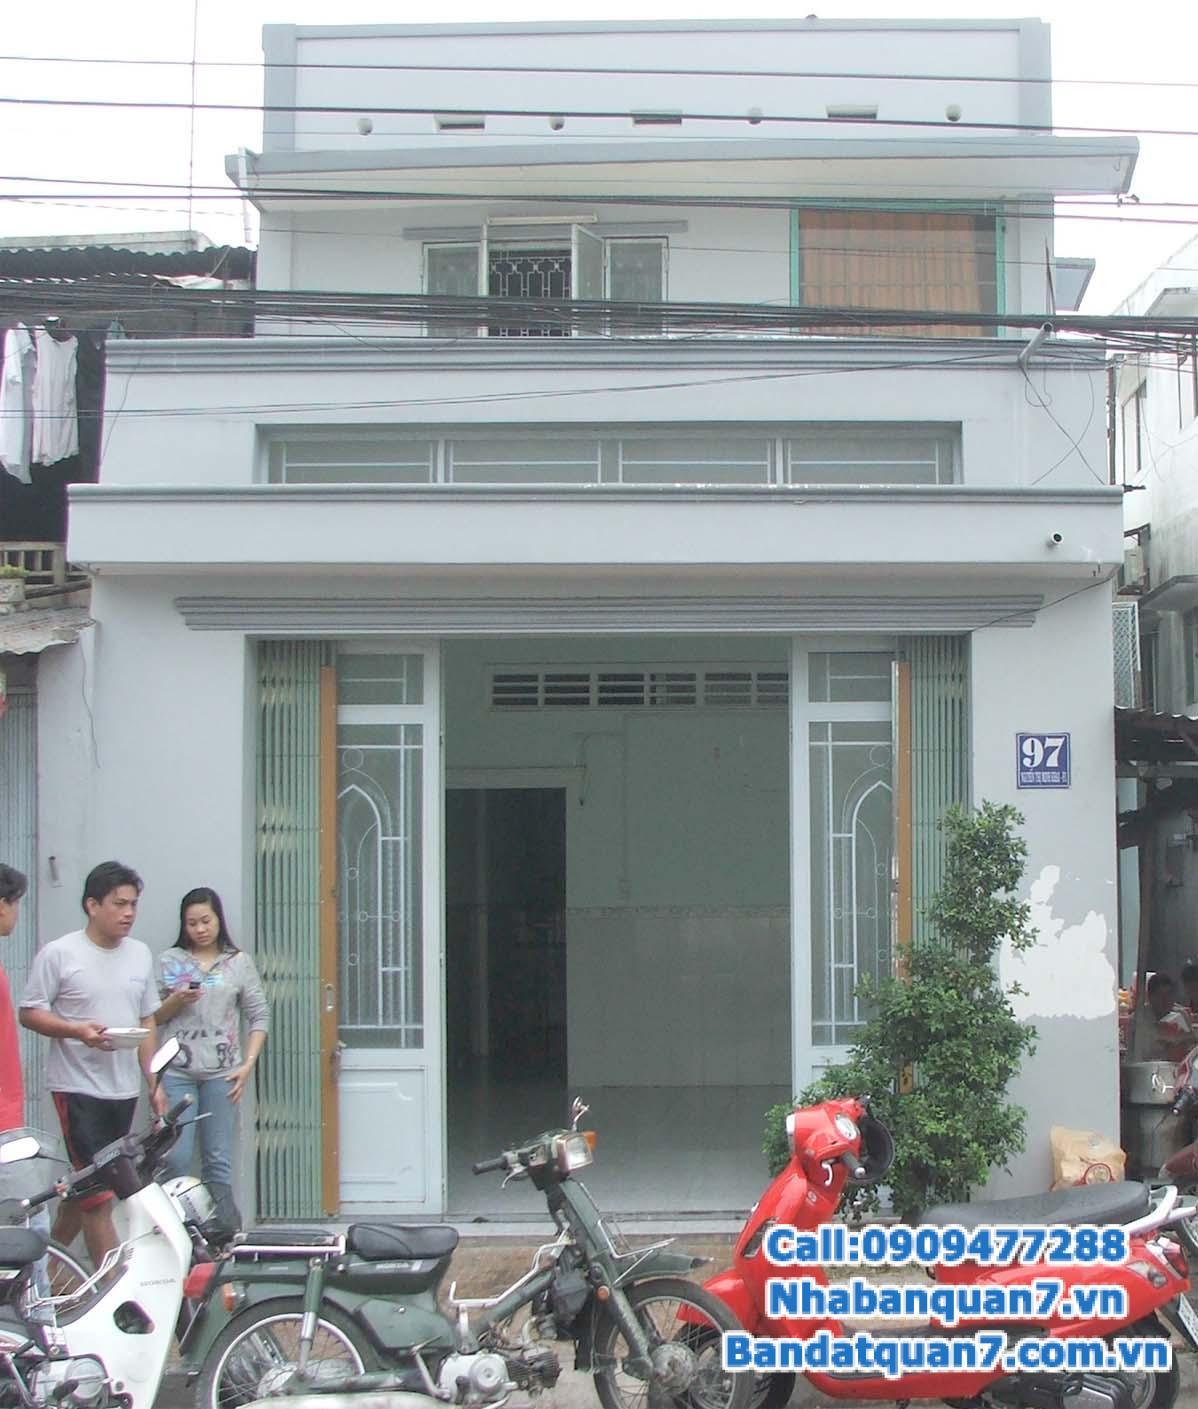 Cần bán nhà cấp 4 đường số 17, phường Tân Kiểng, quận 7